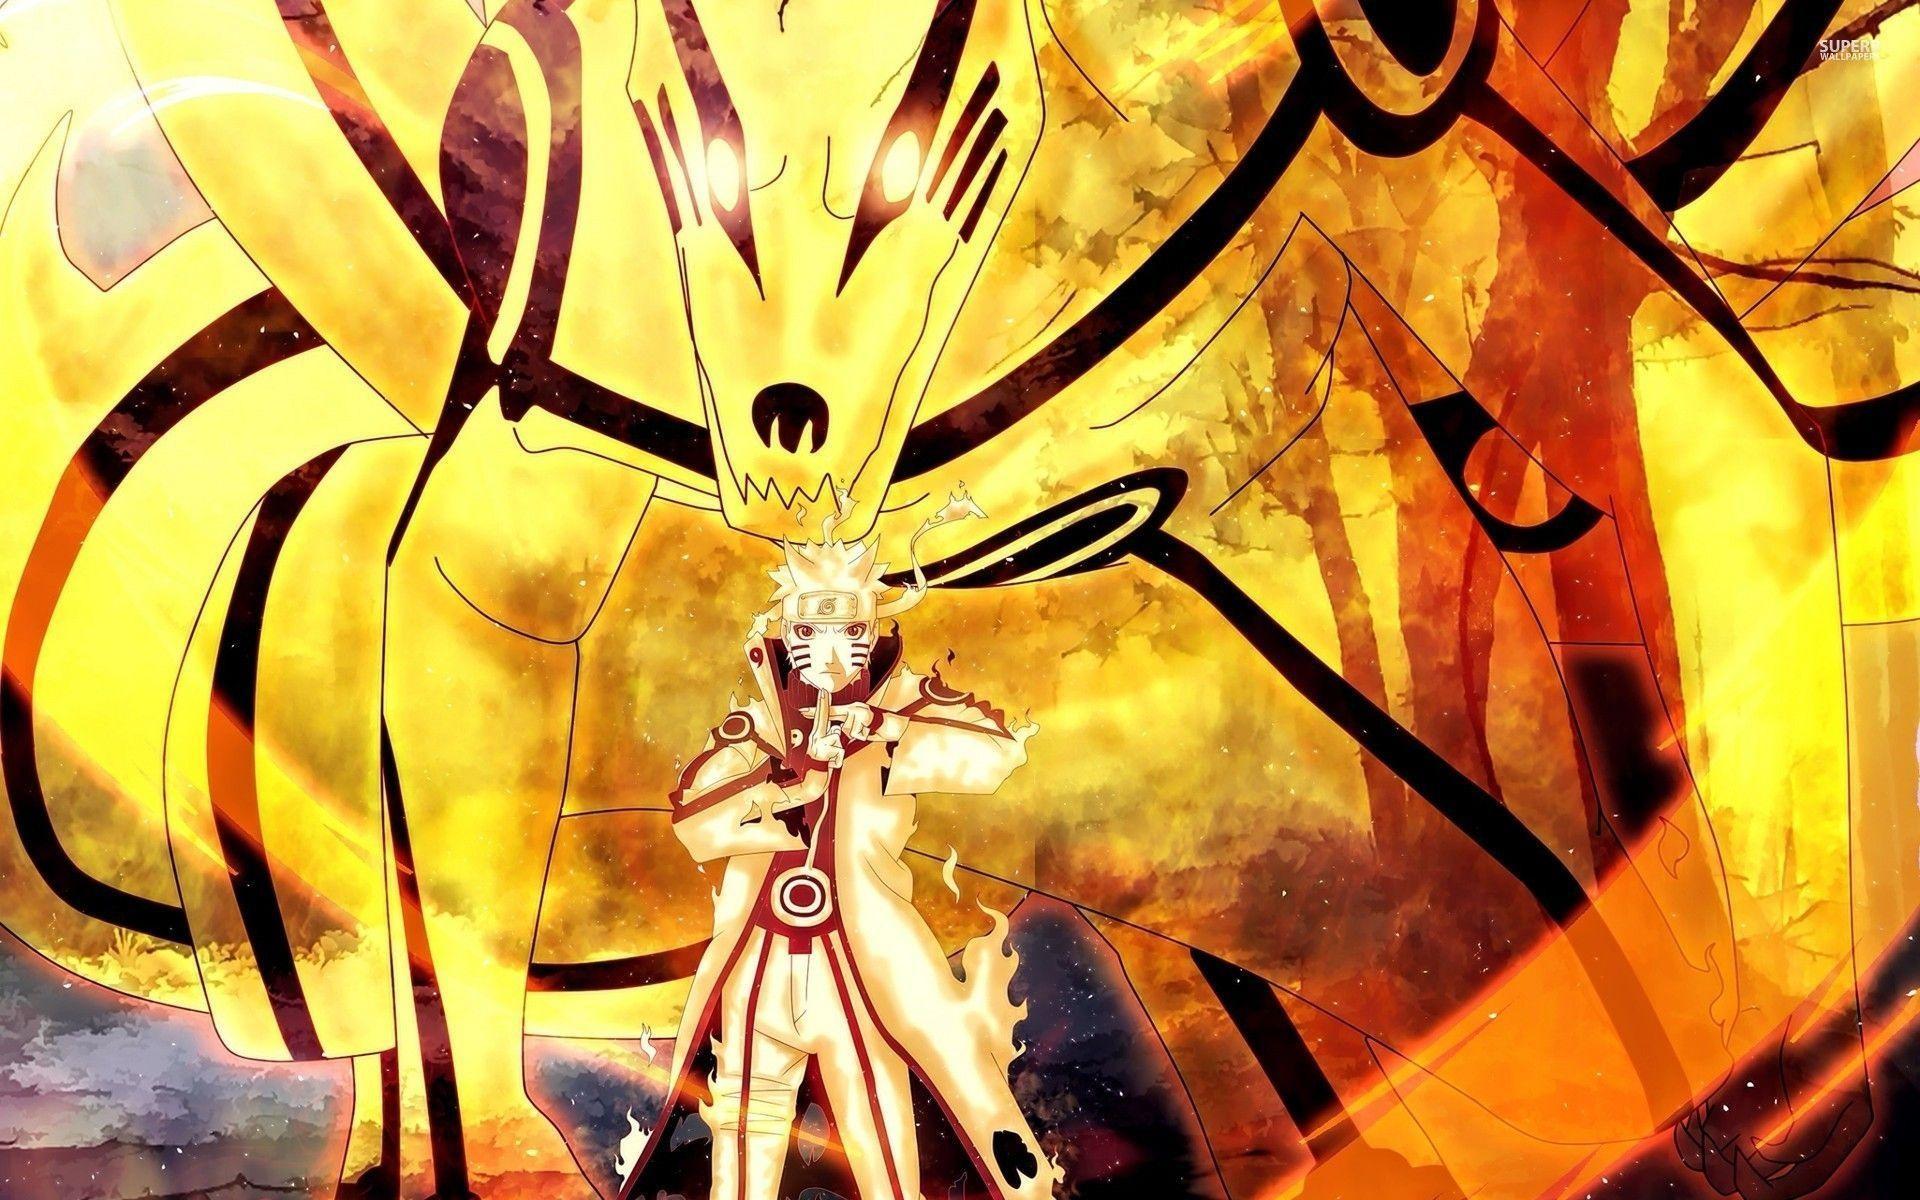 Fantastic Wallpaper Angry Naruto Uzumaki - 746317-vertical-naruto-wallpapers-hd-2018-1920x1200-for-1080p  2018_63396      .jpg